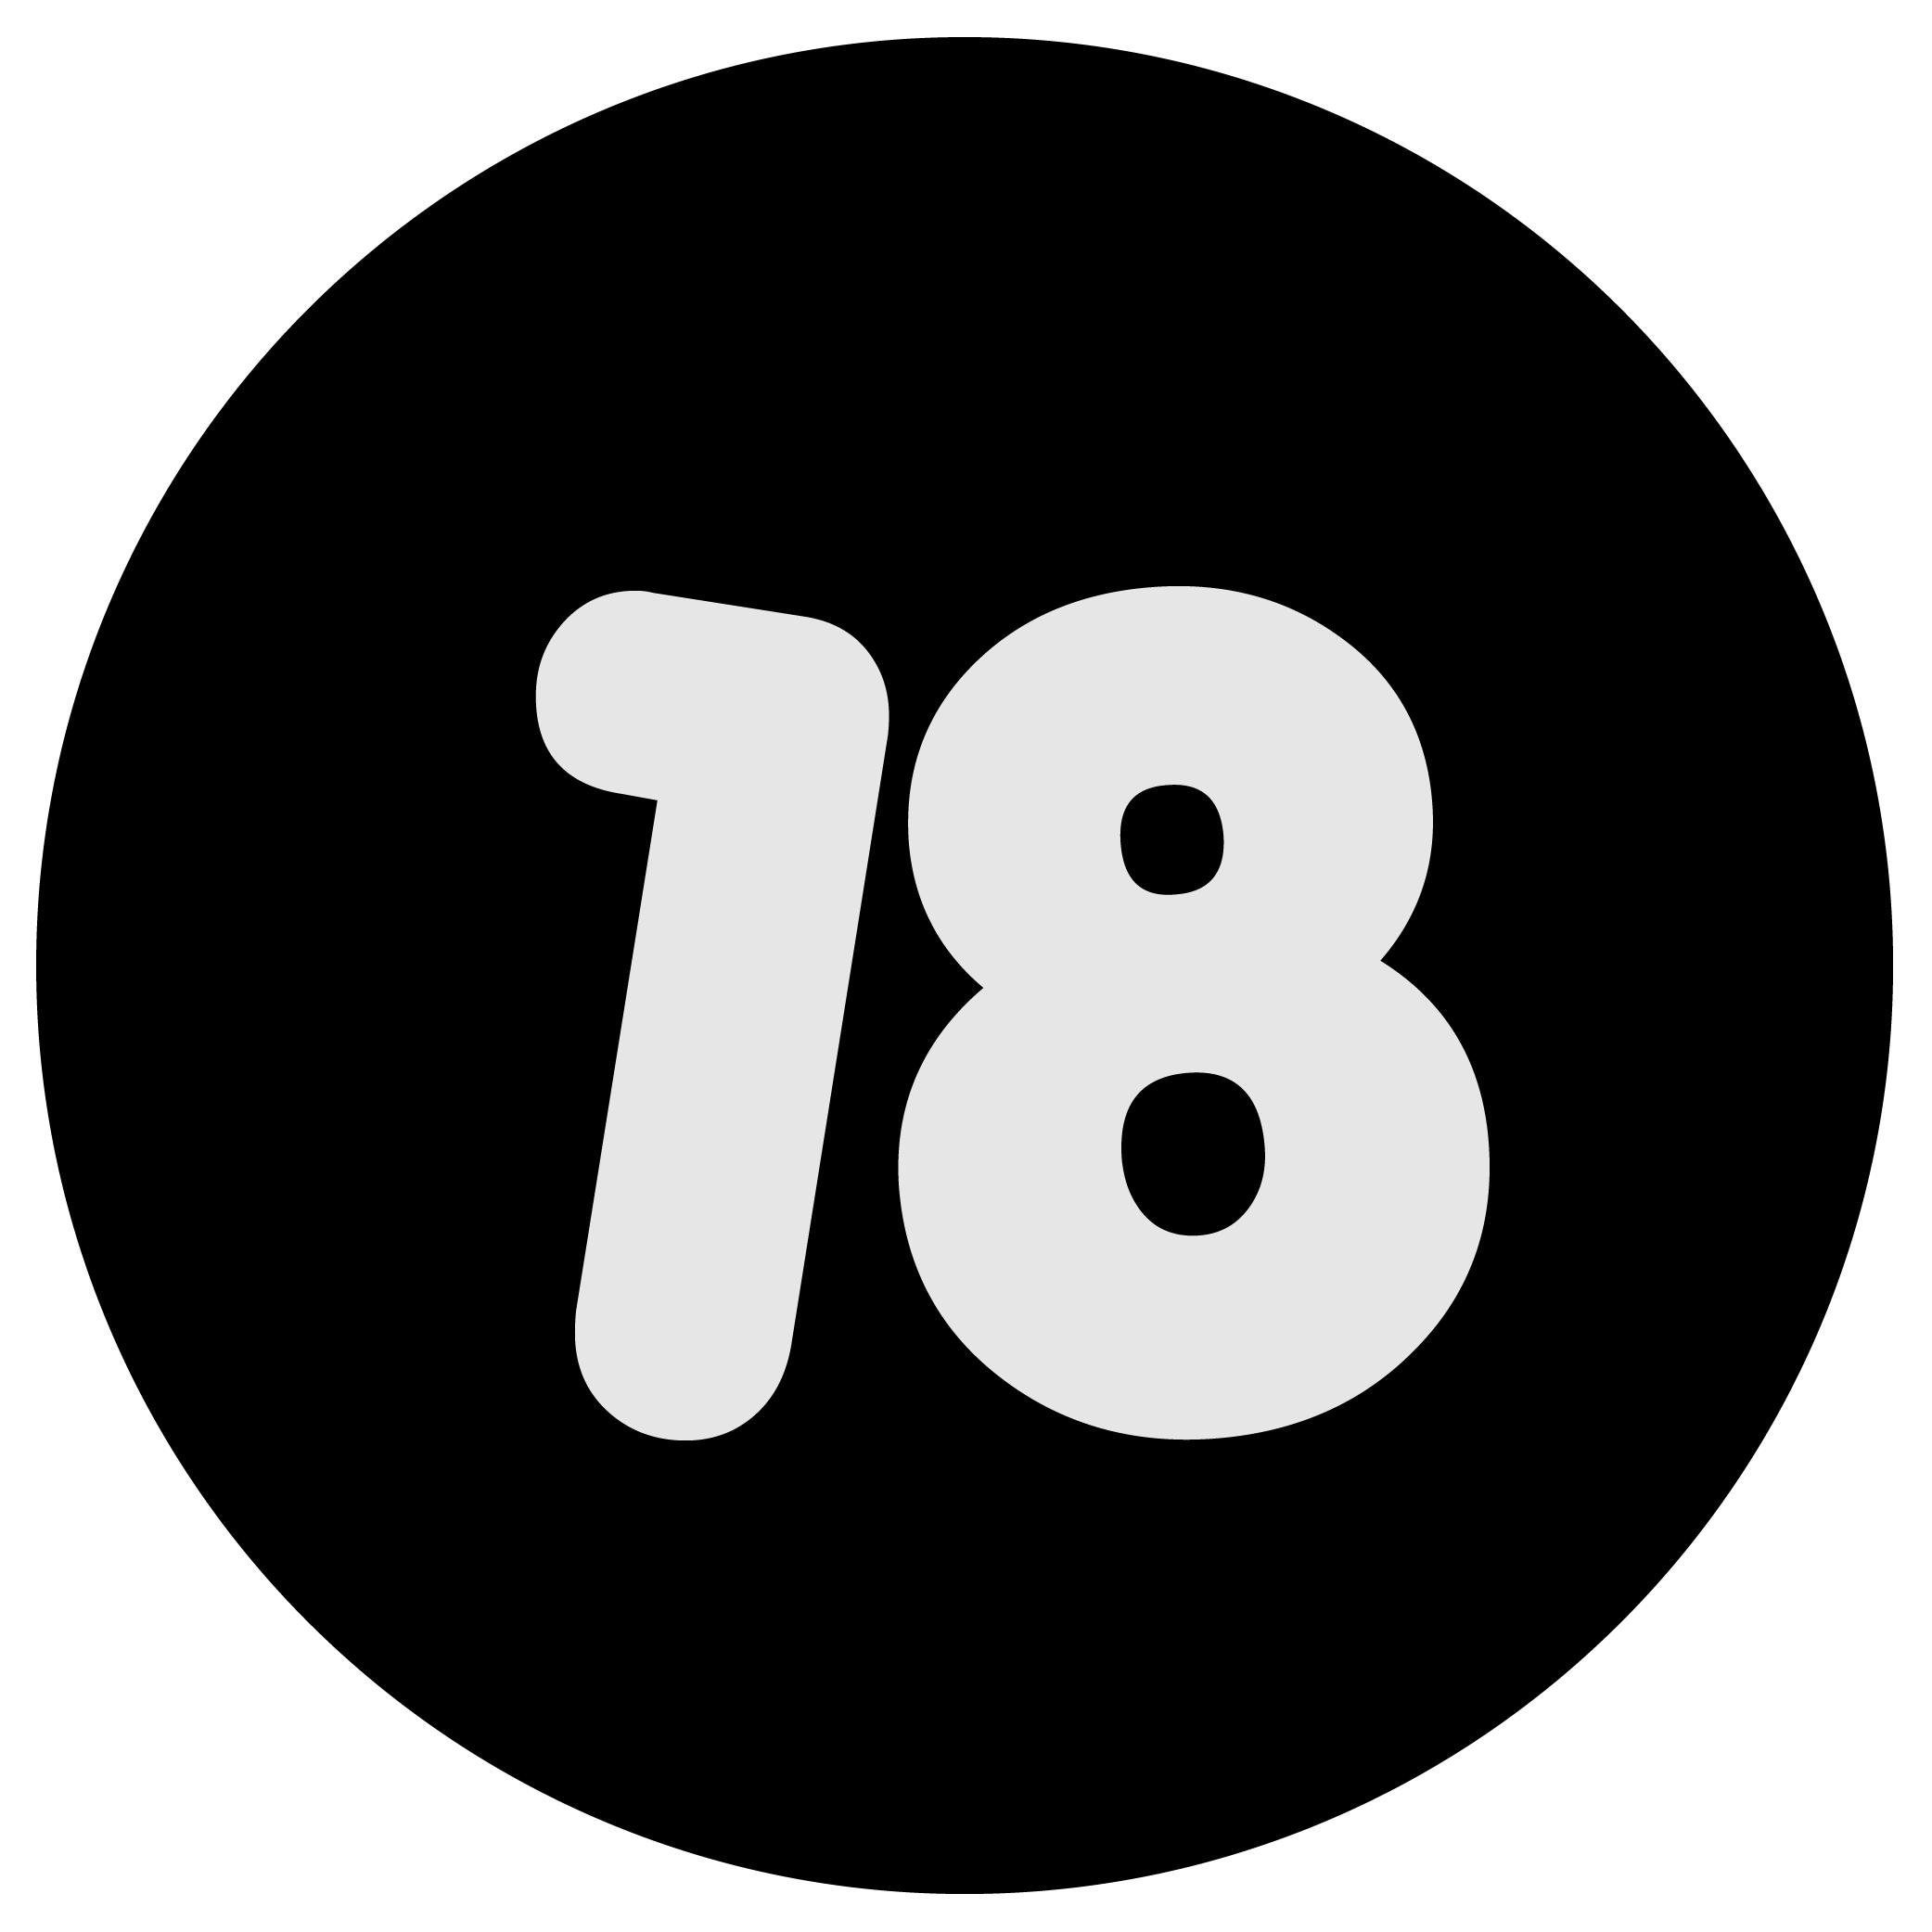 circles-03.png